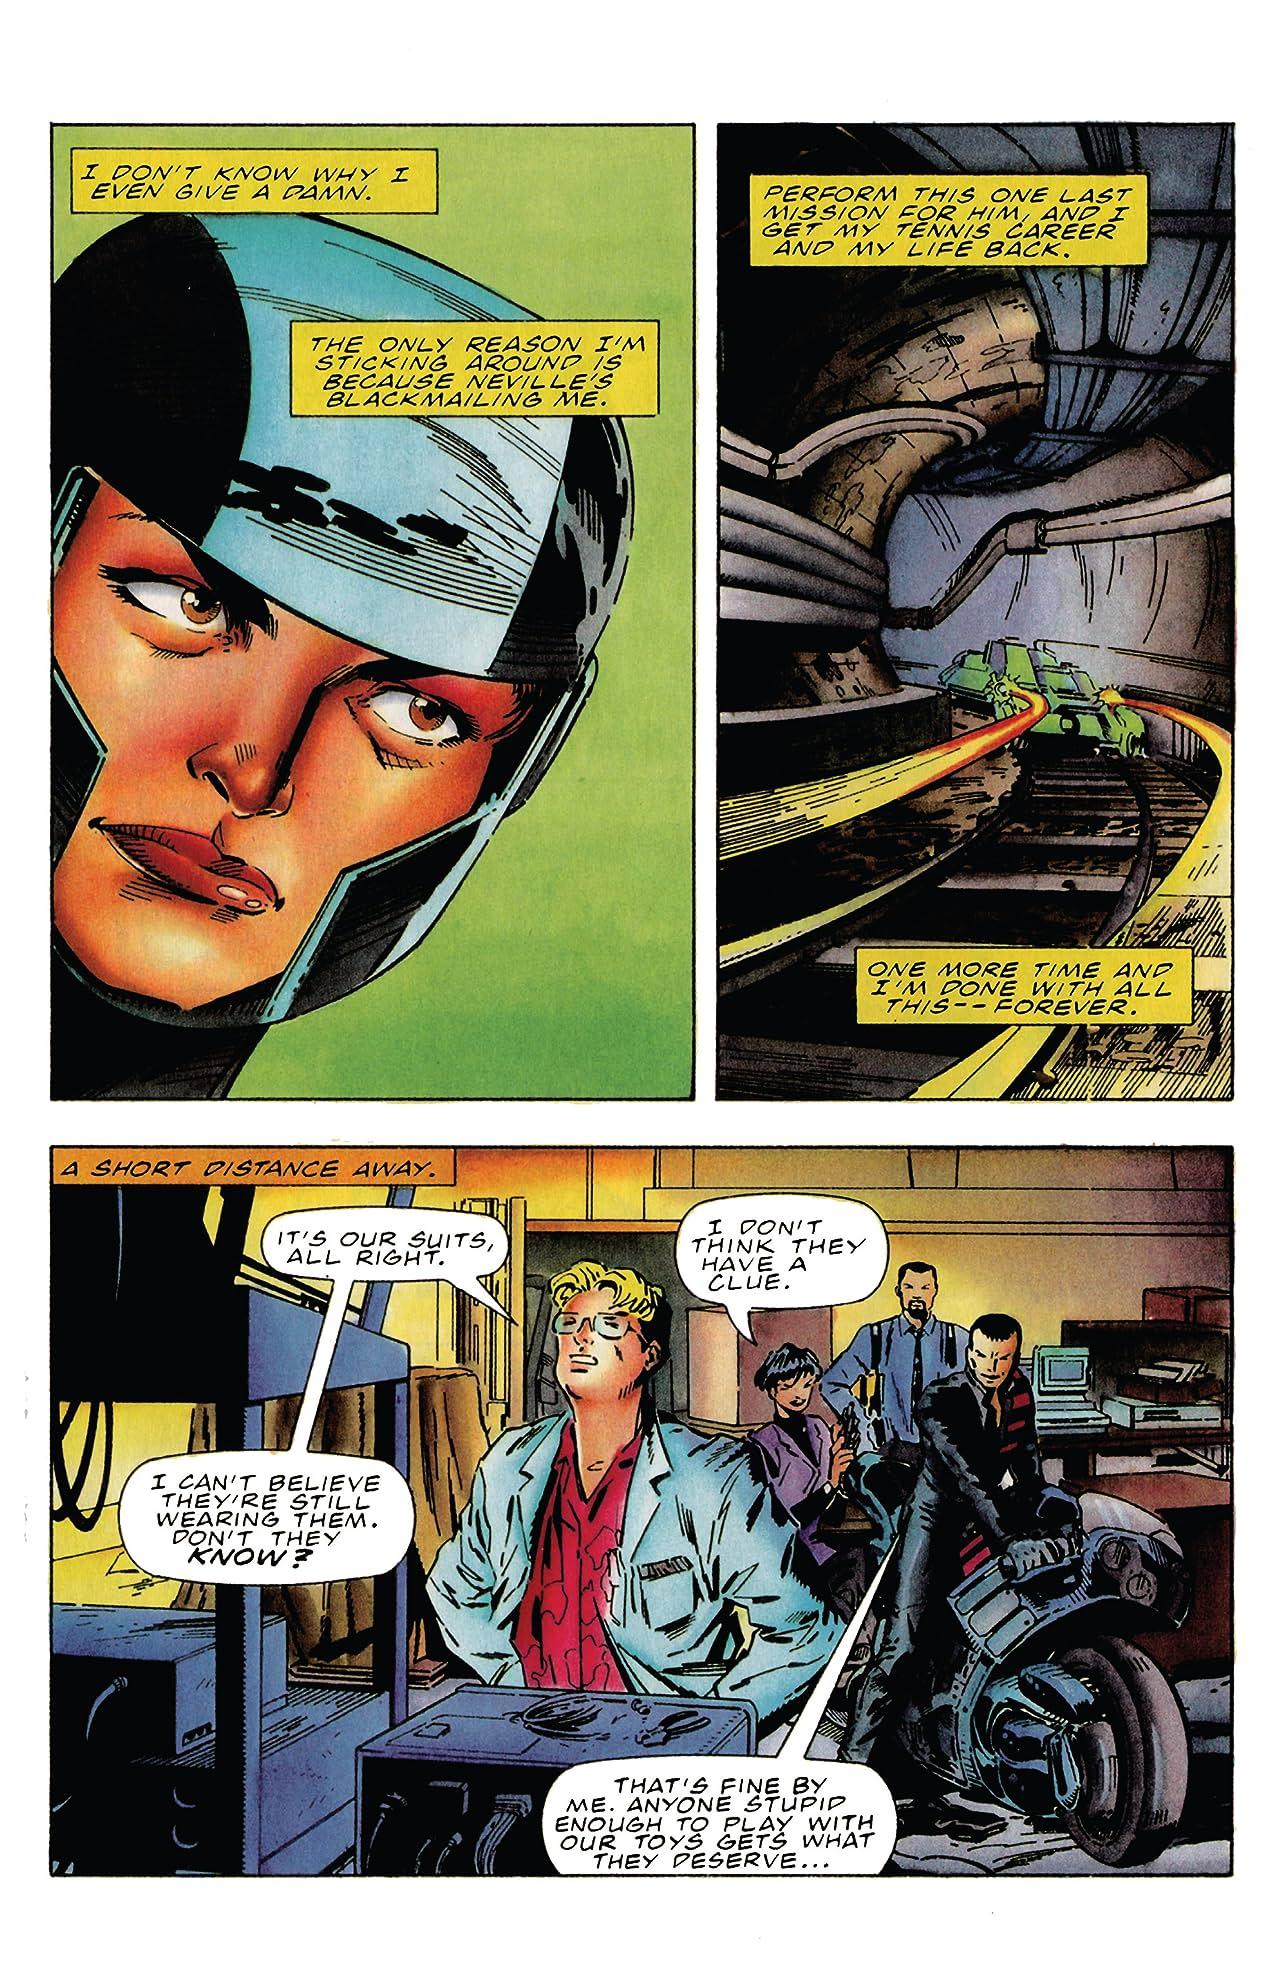 Secret Weapons (1993) #15